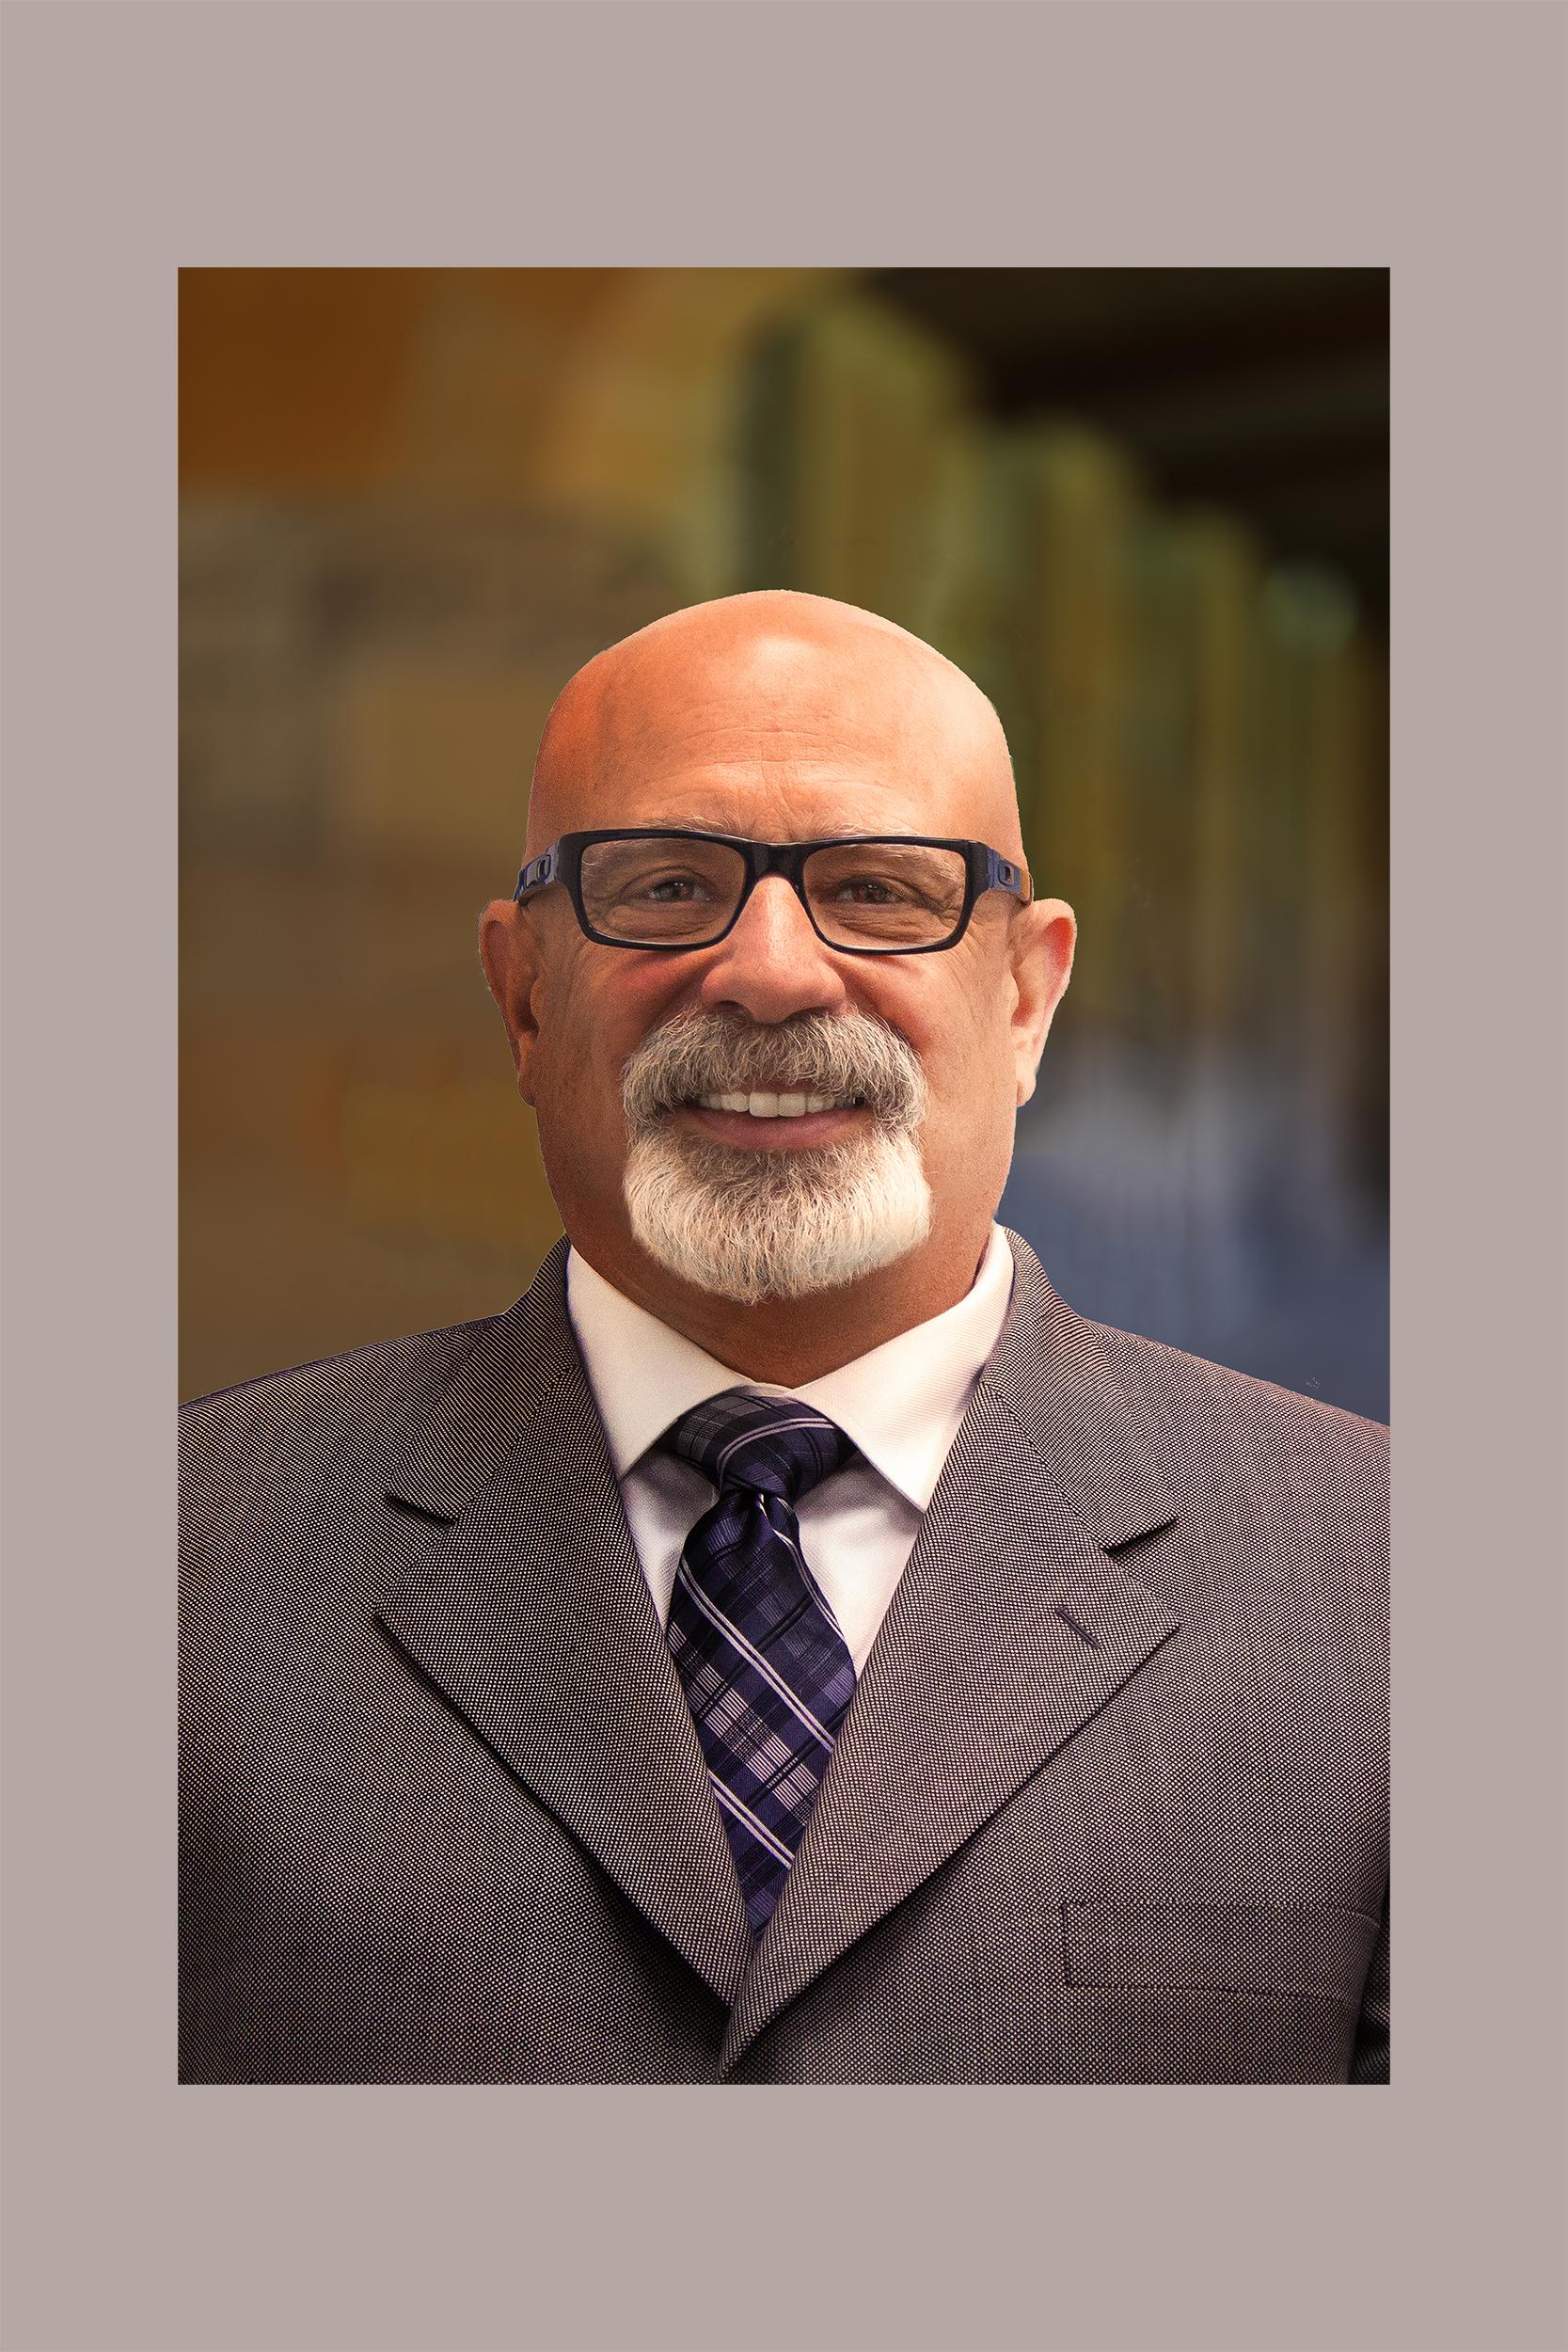 Phillip Capriccio Vikera